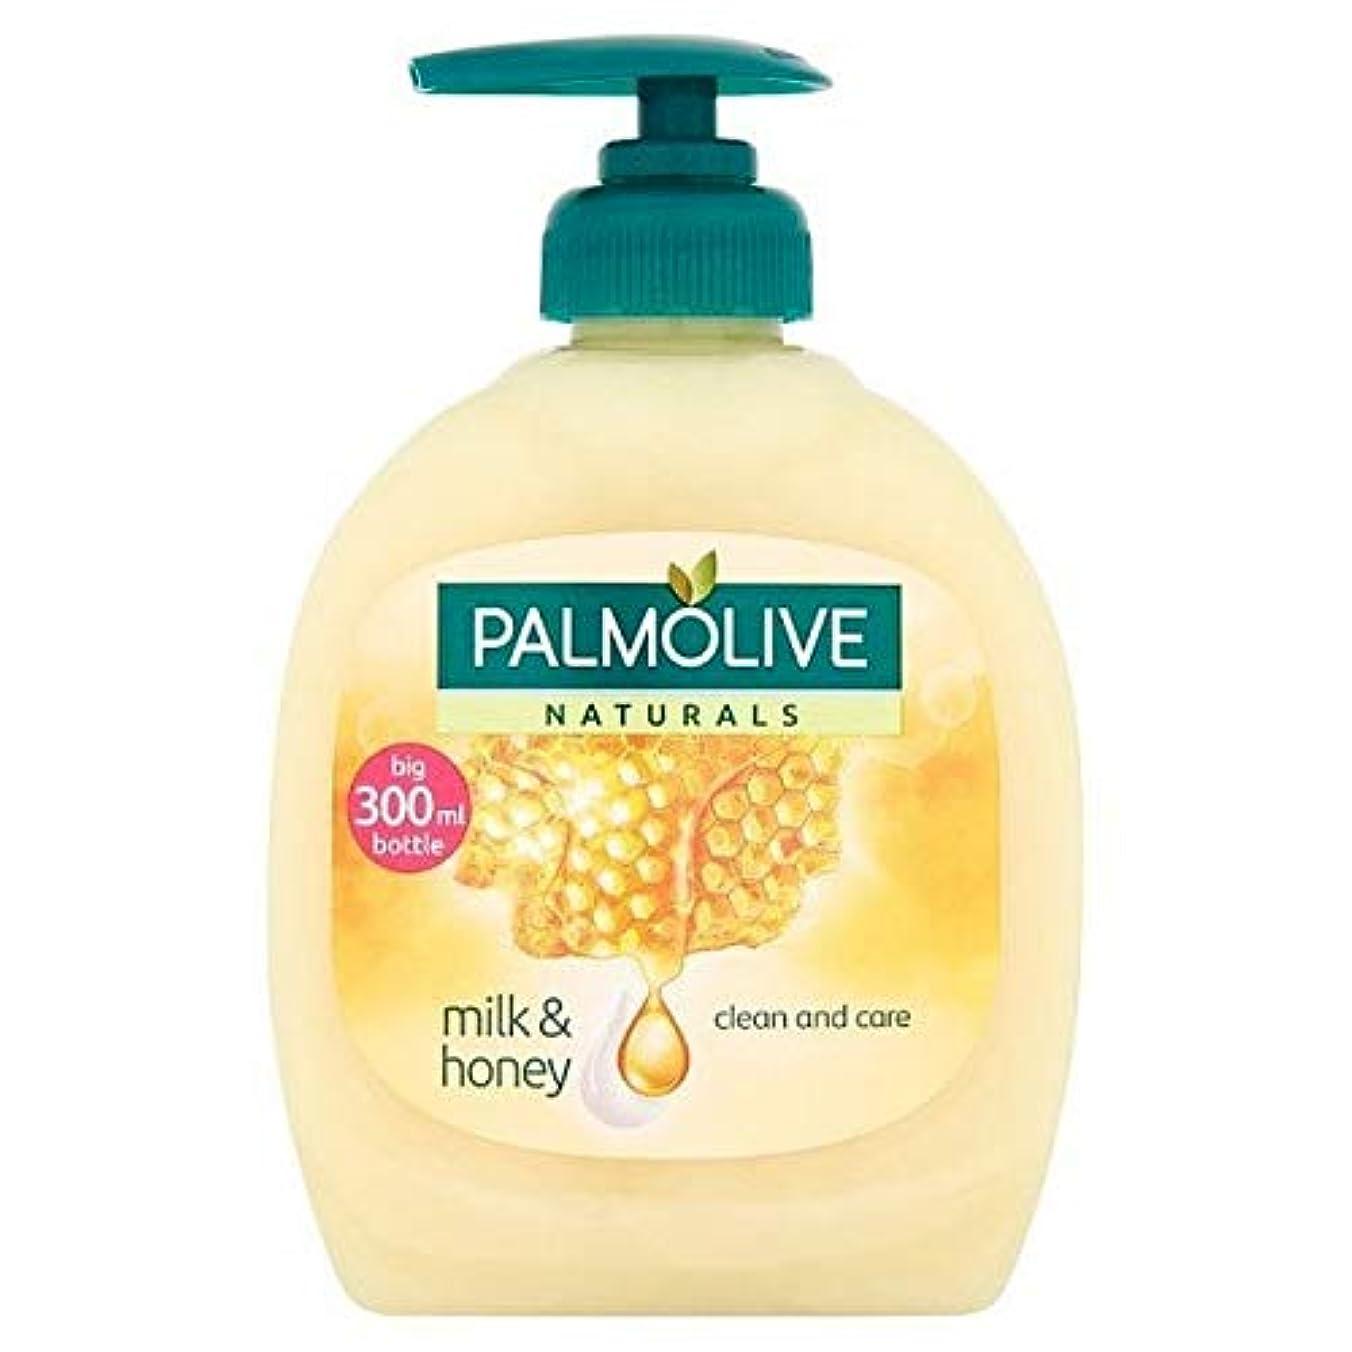 バルコニーポットファントム[Palmolive ] パルモ液体ハンドソープ乳と蜜の300ミリリットル - Palmolive Liquid Hand Soap Milk And Honey 300ml [並行輸入品]